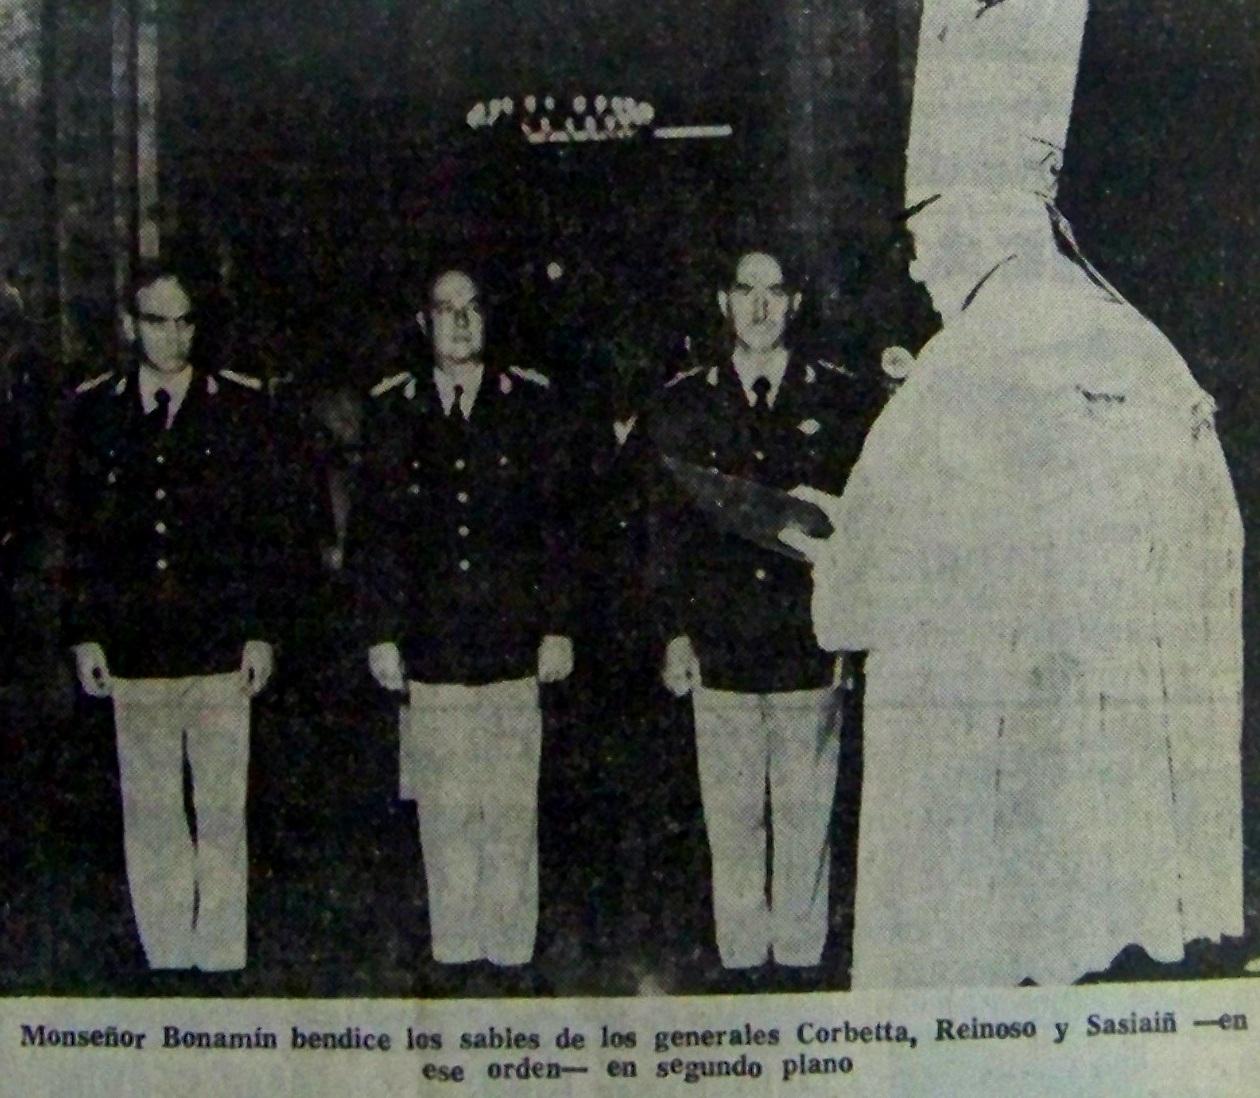 Bendición de Sables, Estado Mayor Conjunto, Bs. As., 10/05/1976.